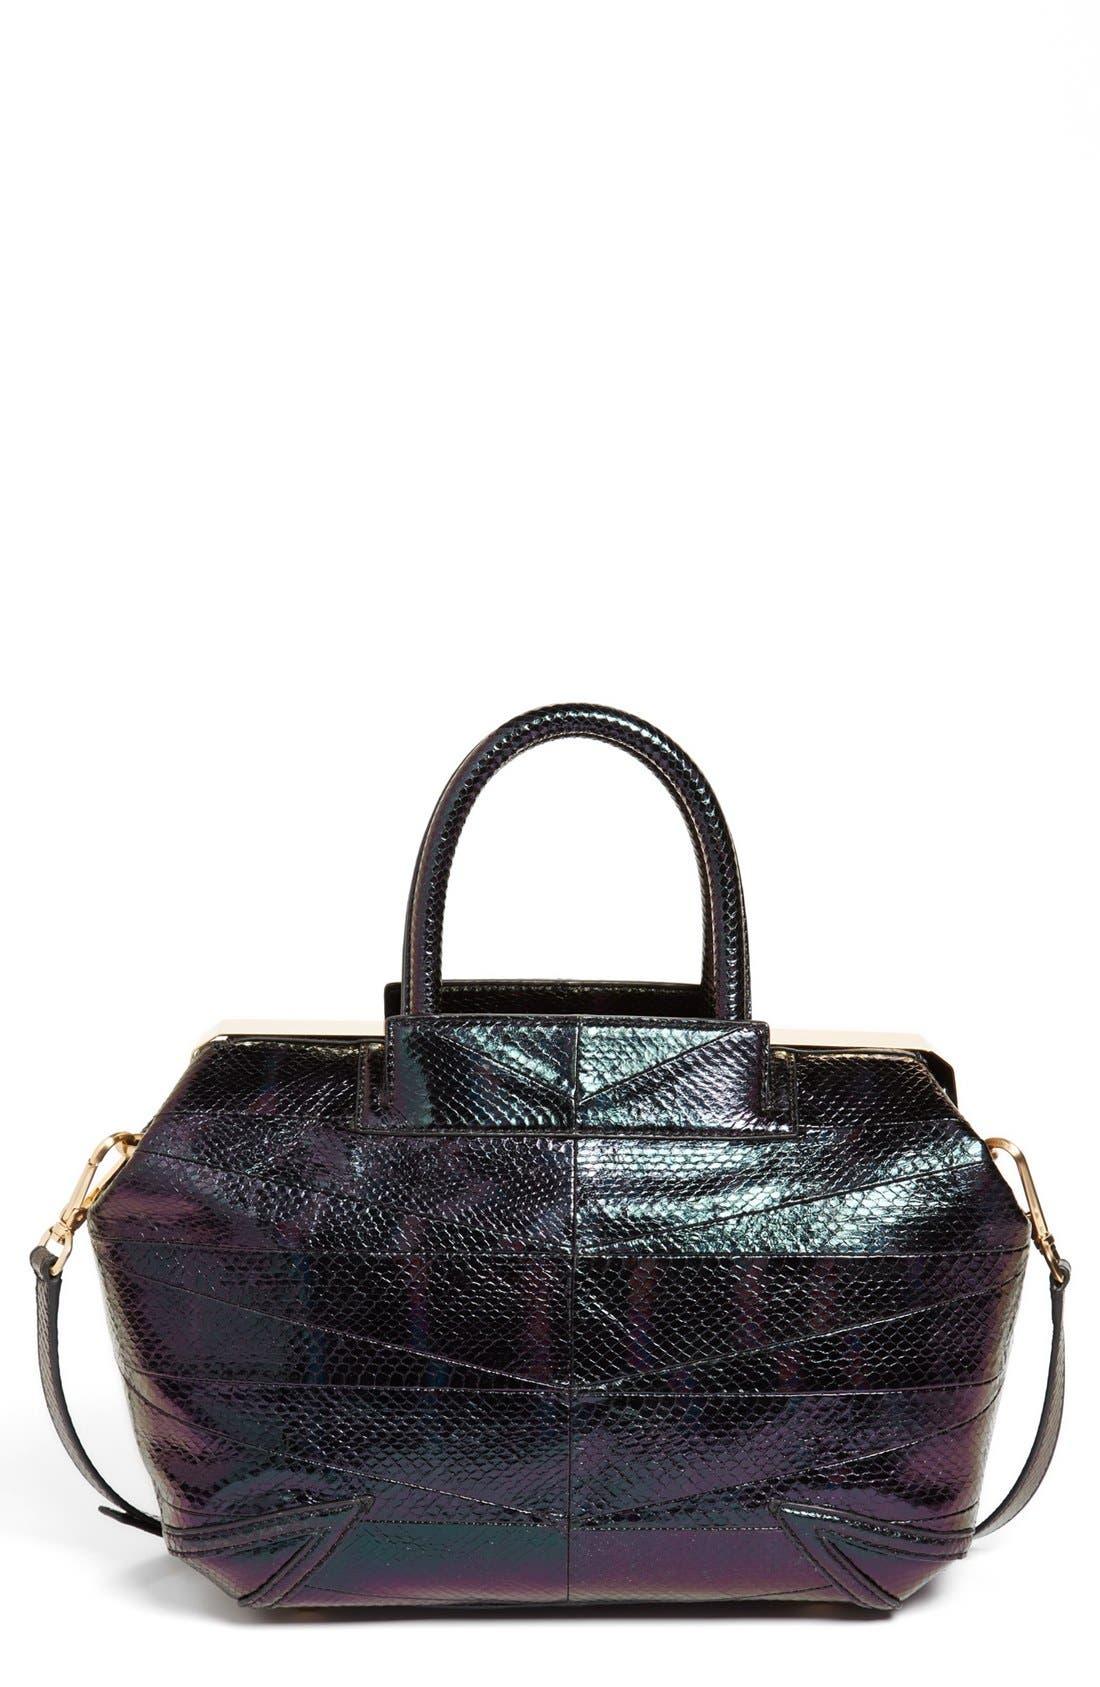 Main Image - B Brian Atwood 'Sophia' Leather Satchel, Extra Large